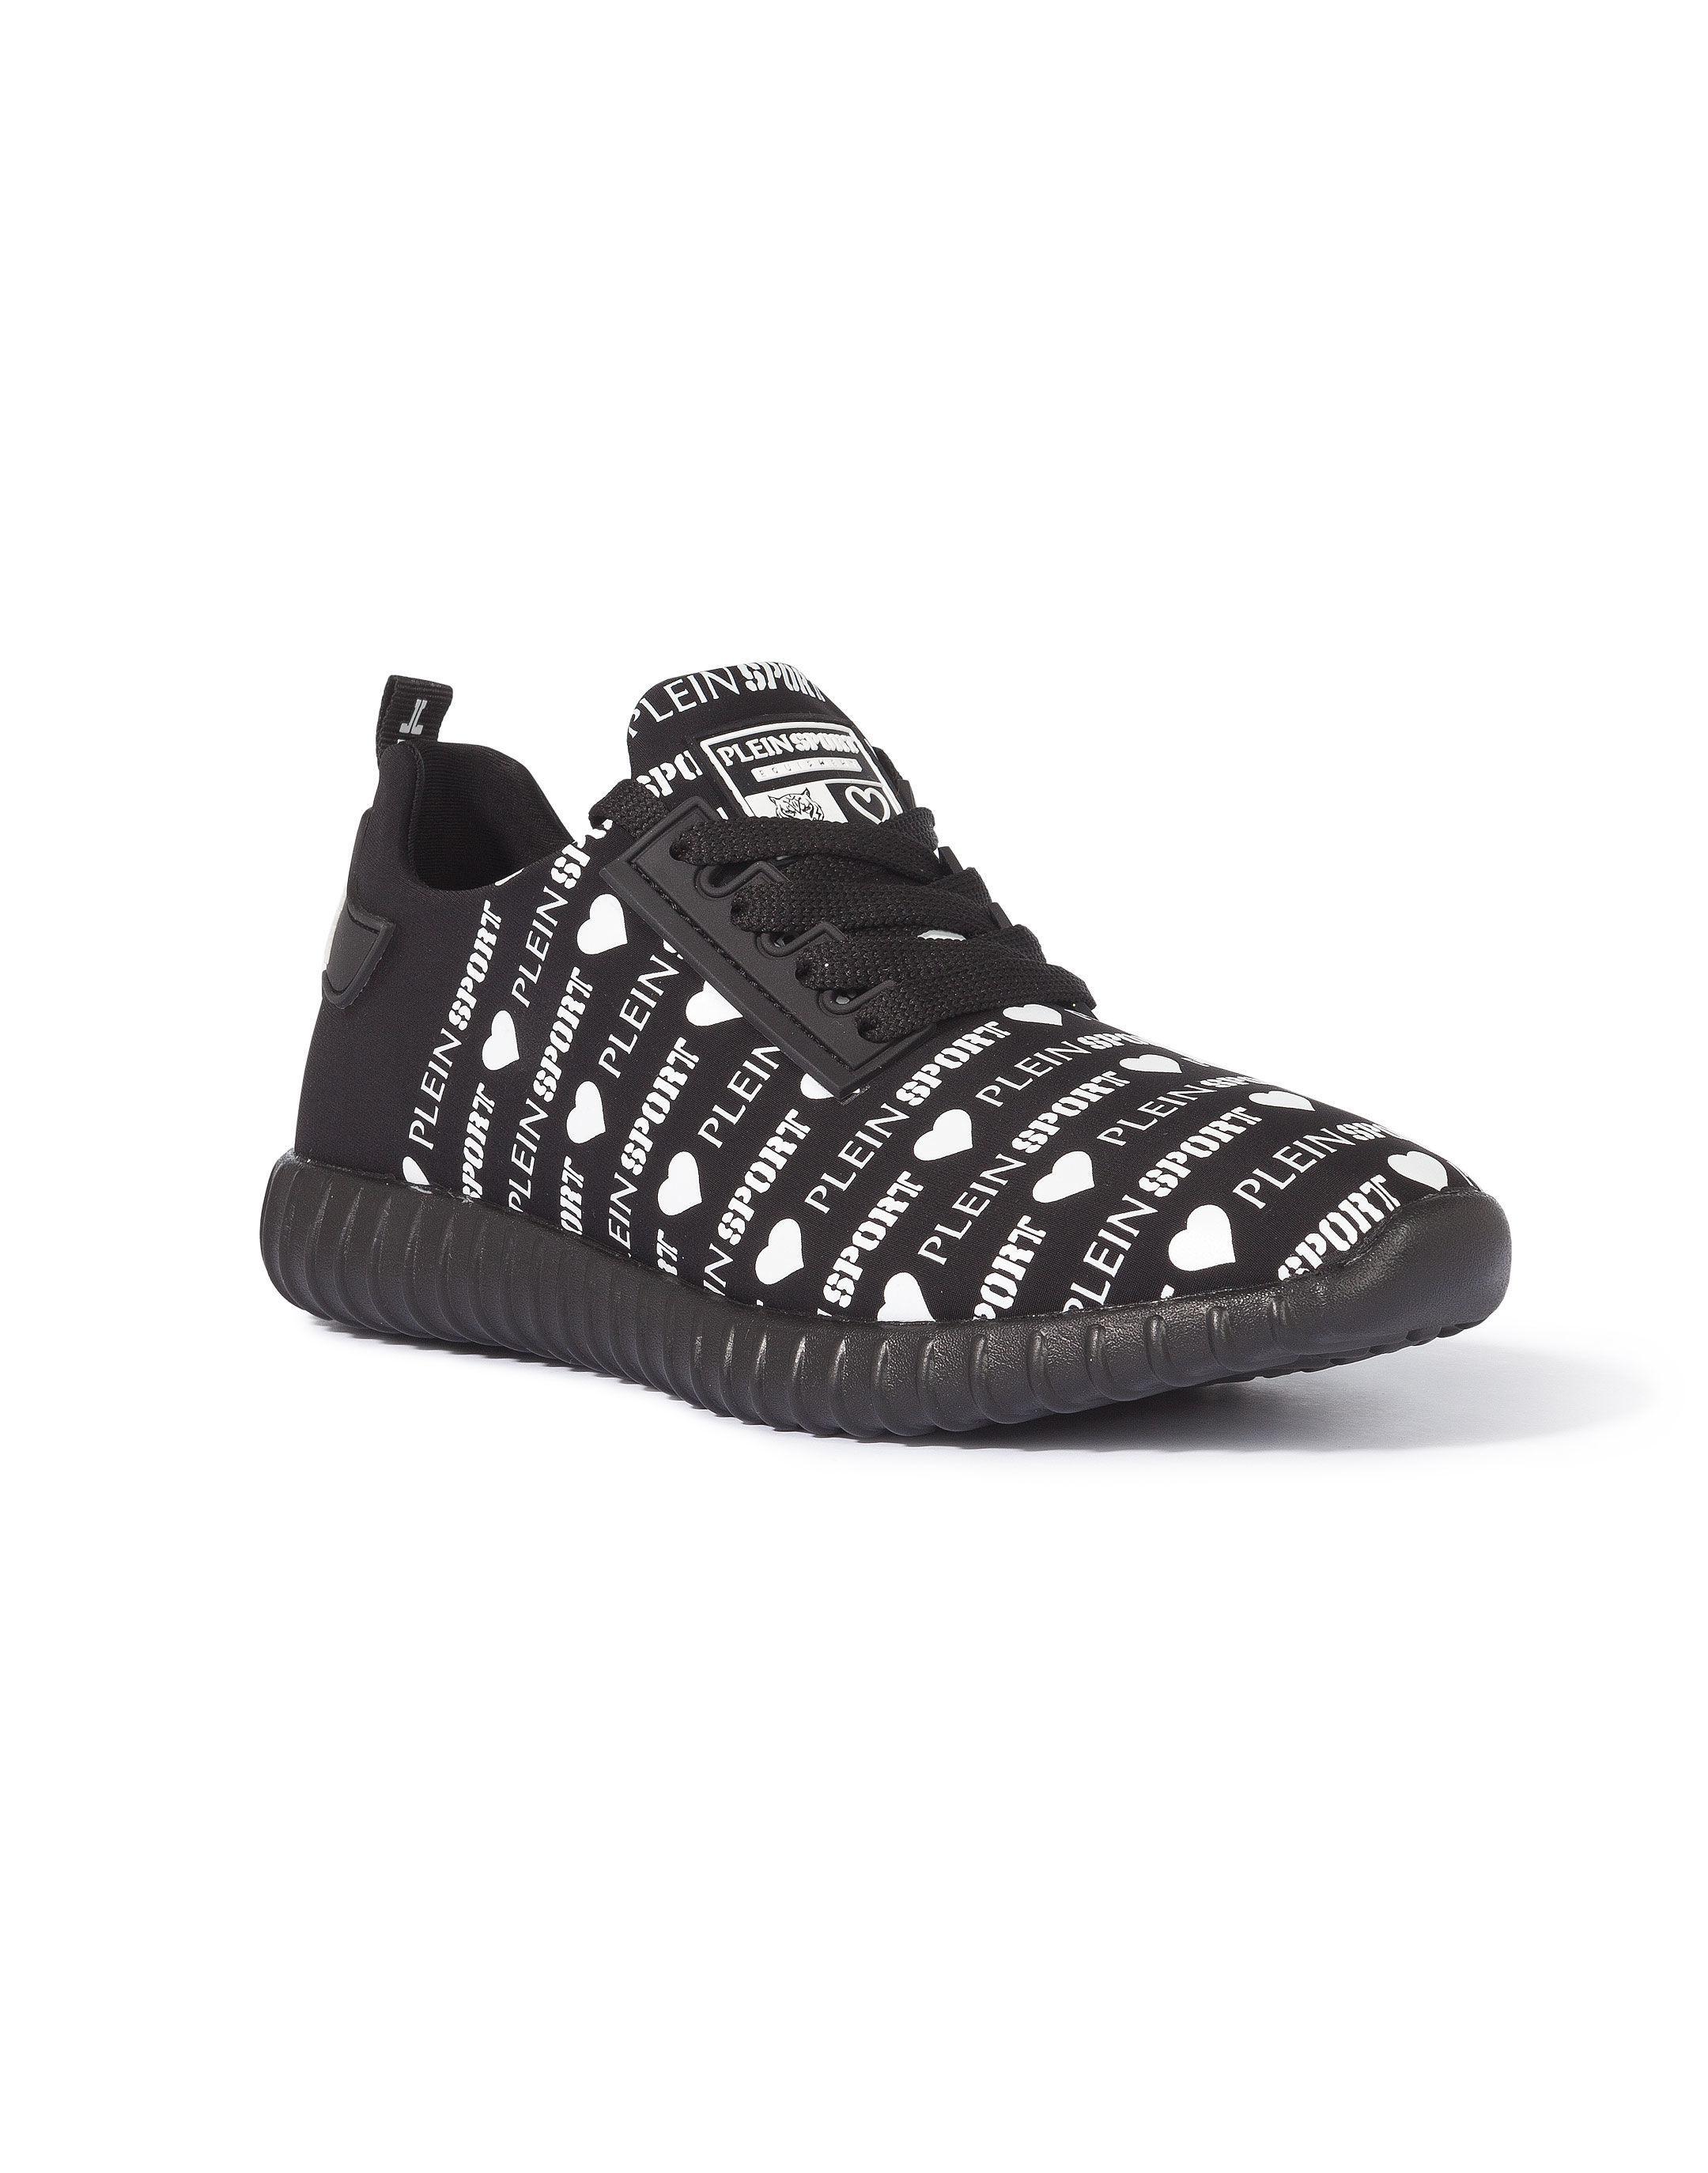 RUNNER CINDY - FOOTWEAR - Low-tops & sneakers Plein Sport bETGRiIU